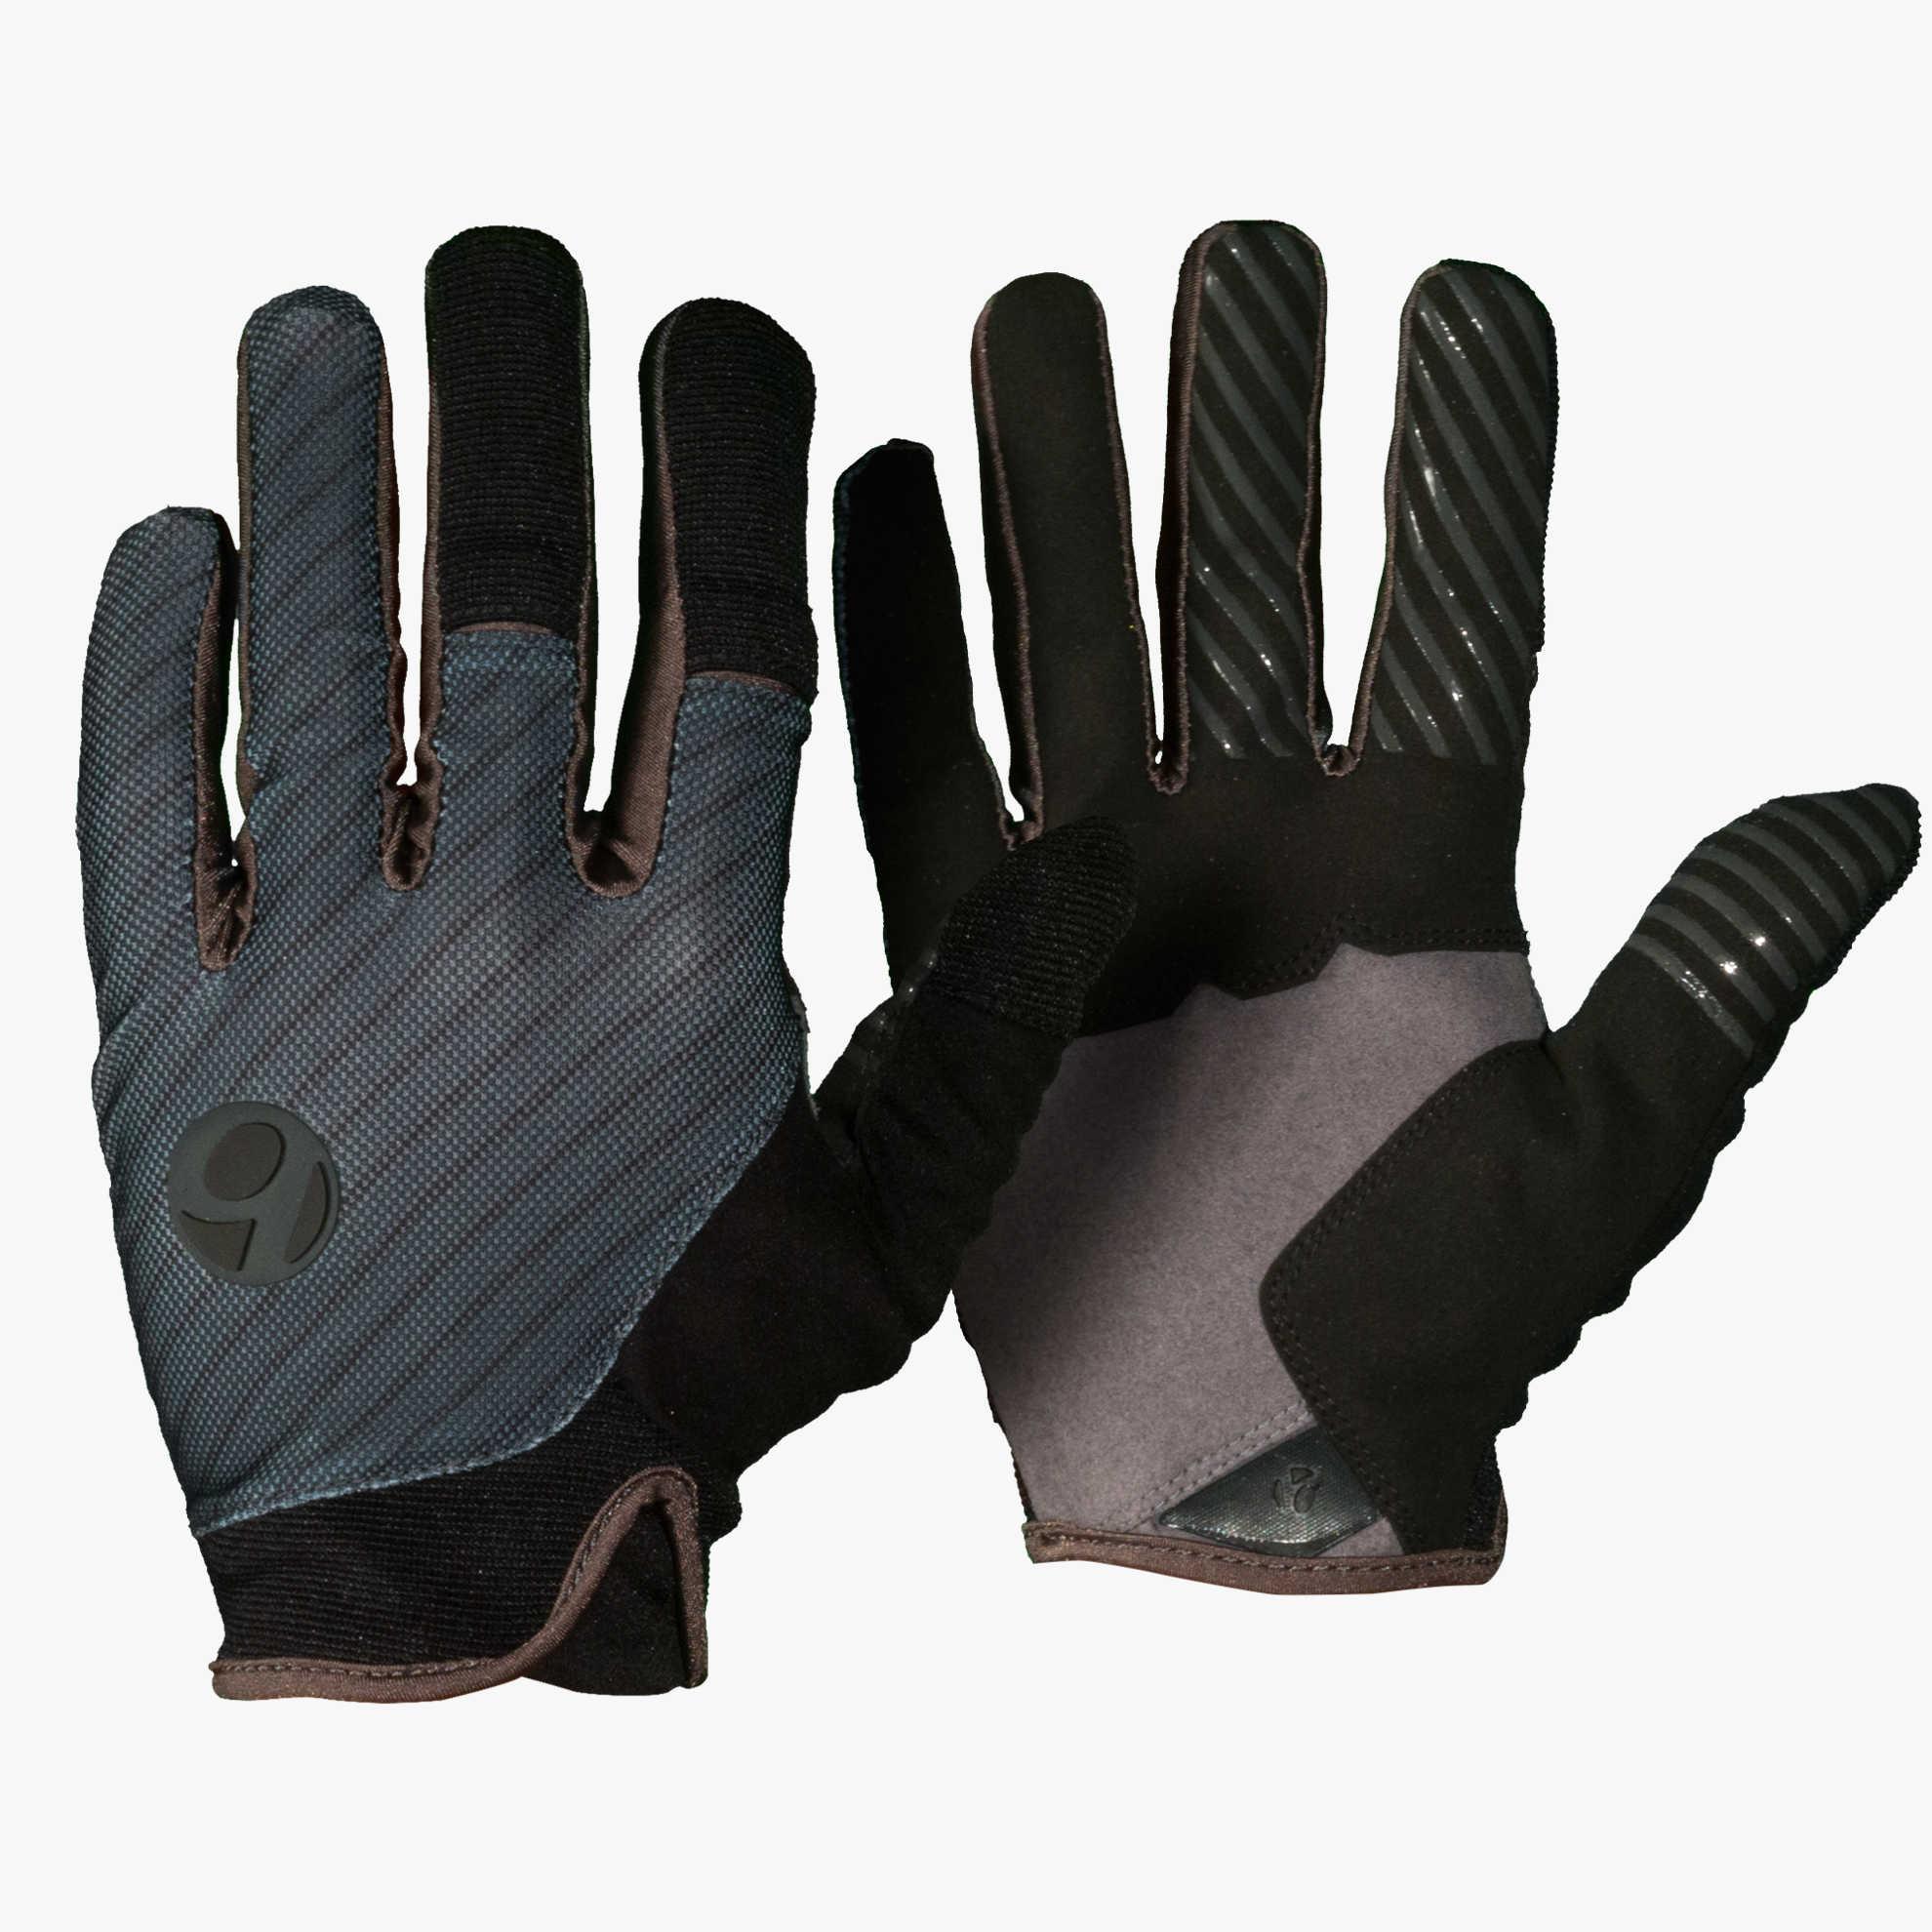 ถุงมือเต็มนิ้ว BONTRAGER RHYTHM GLOVE